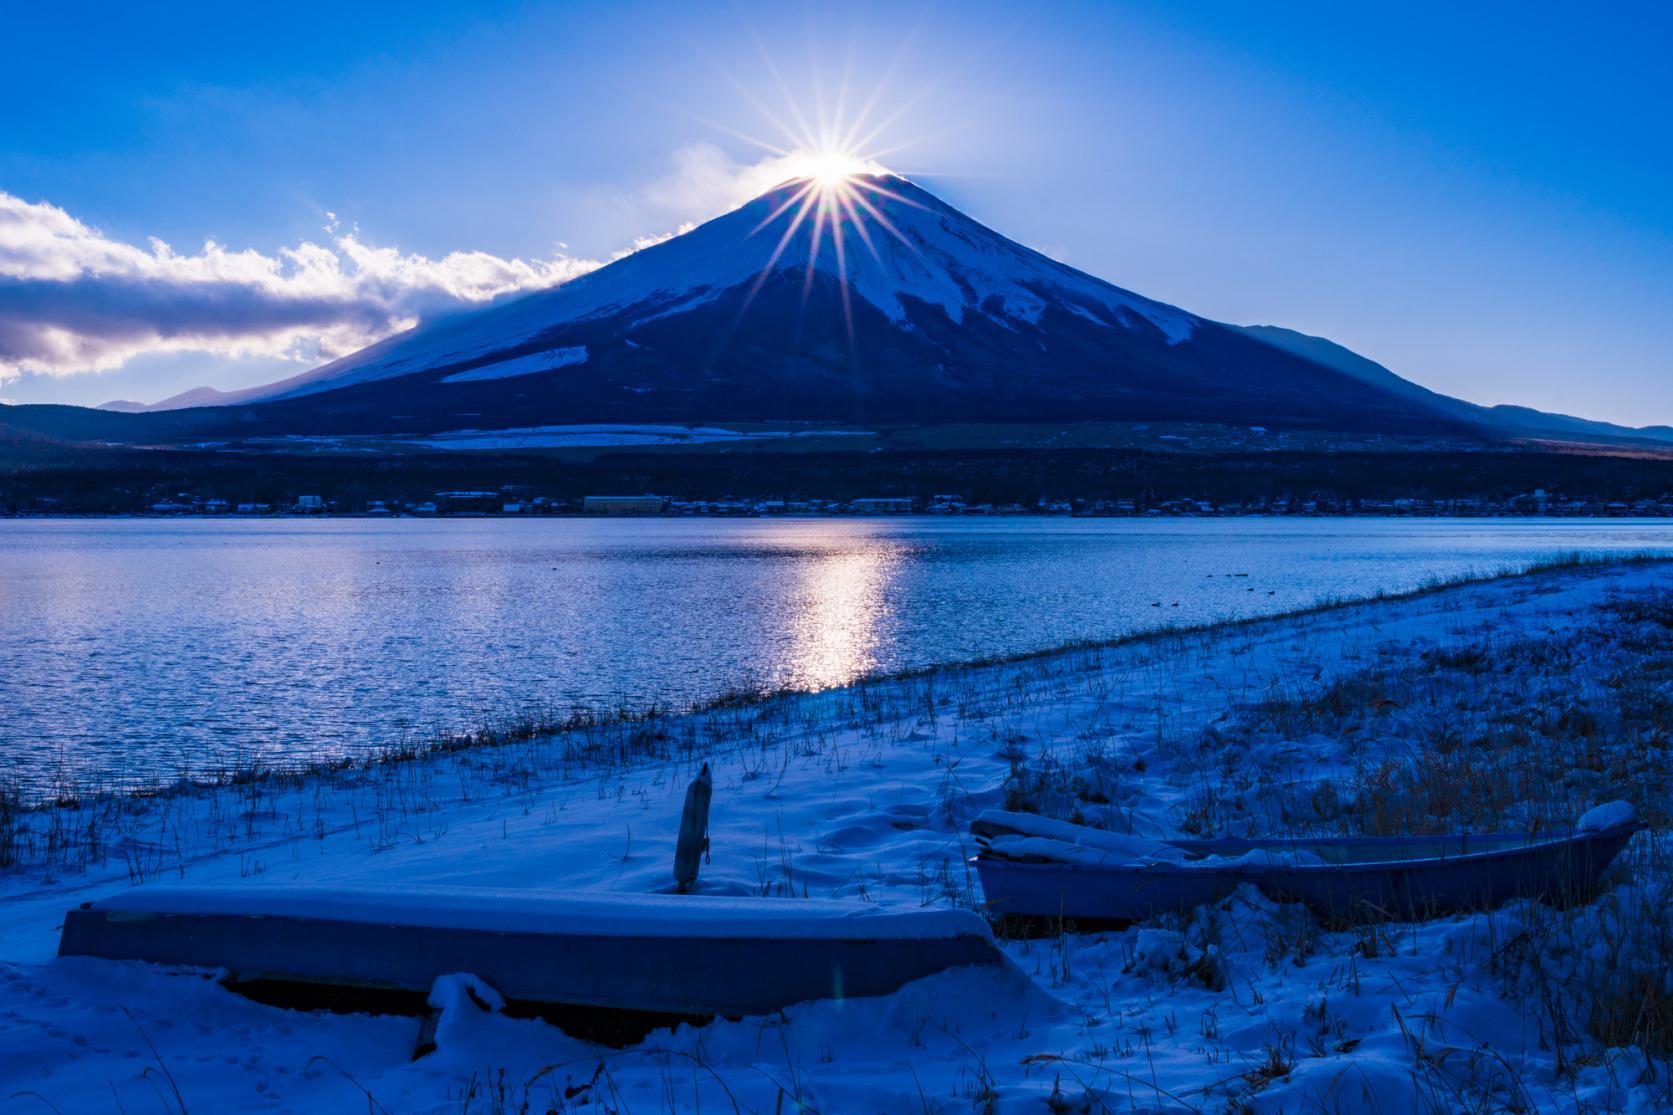 山中湖がロケ・撮影に選ばれる理由-1